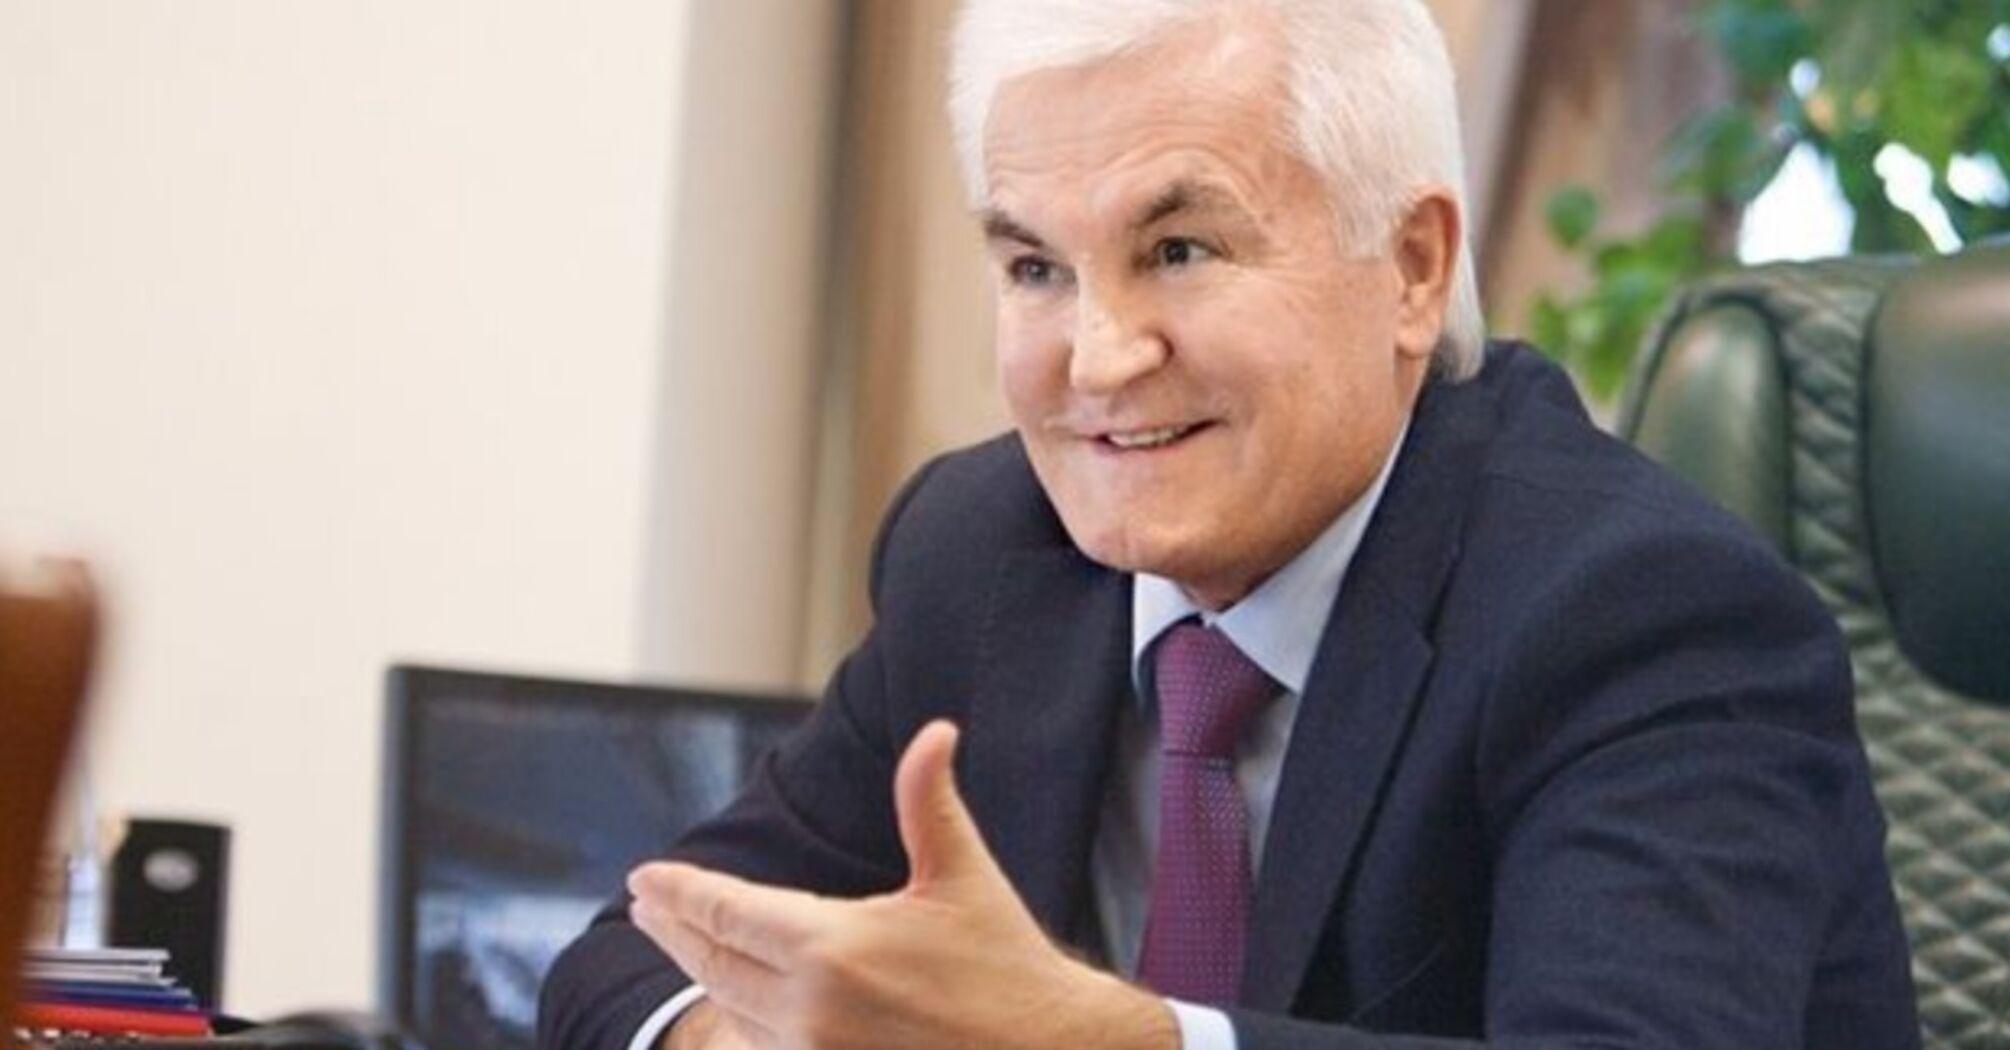 Гендиректор Укргидроэнерго объяснил, откуда у него зарплата в 650 тисяч доларов